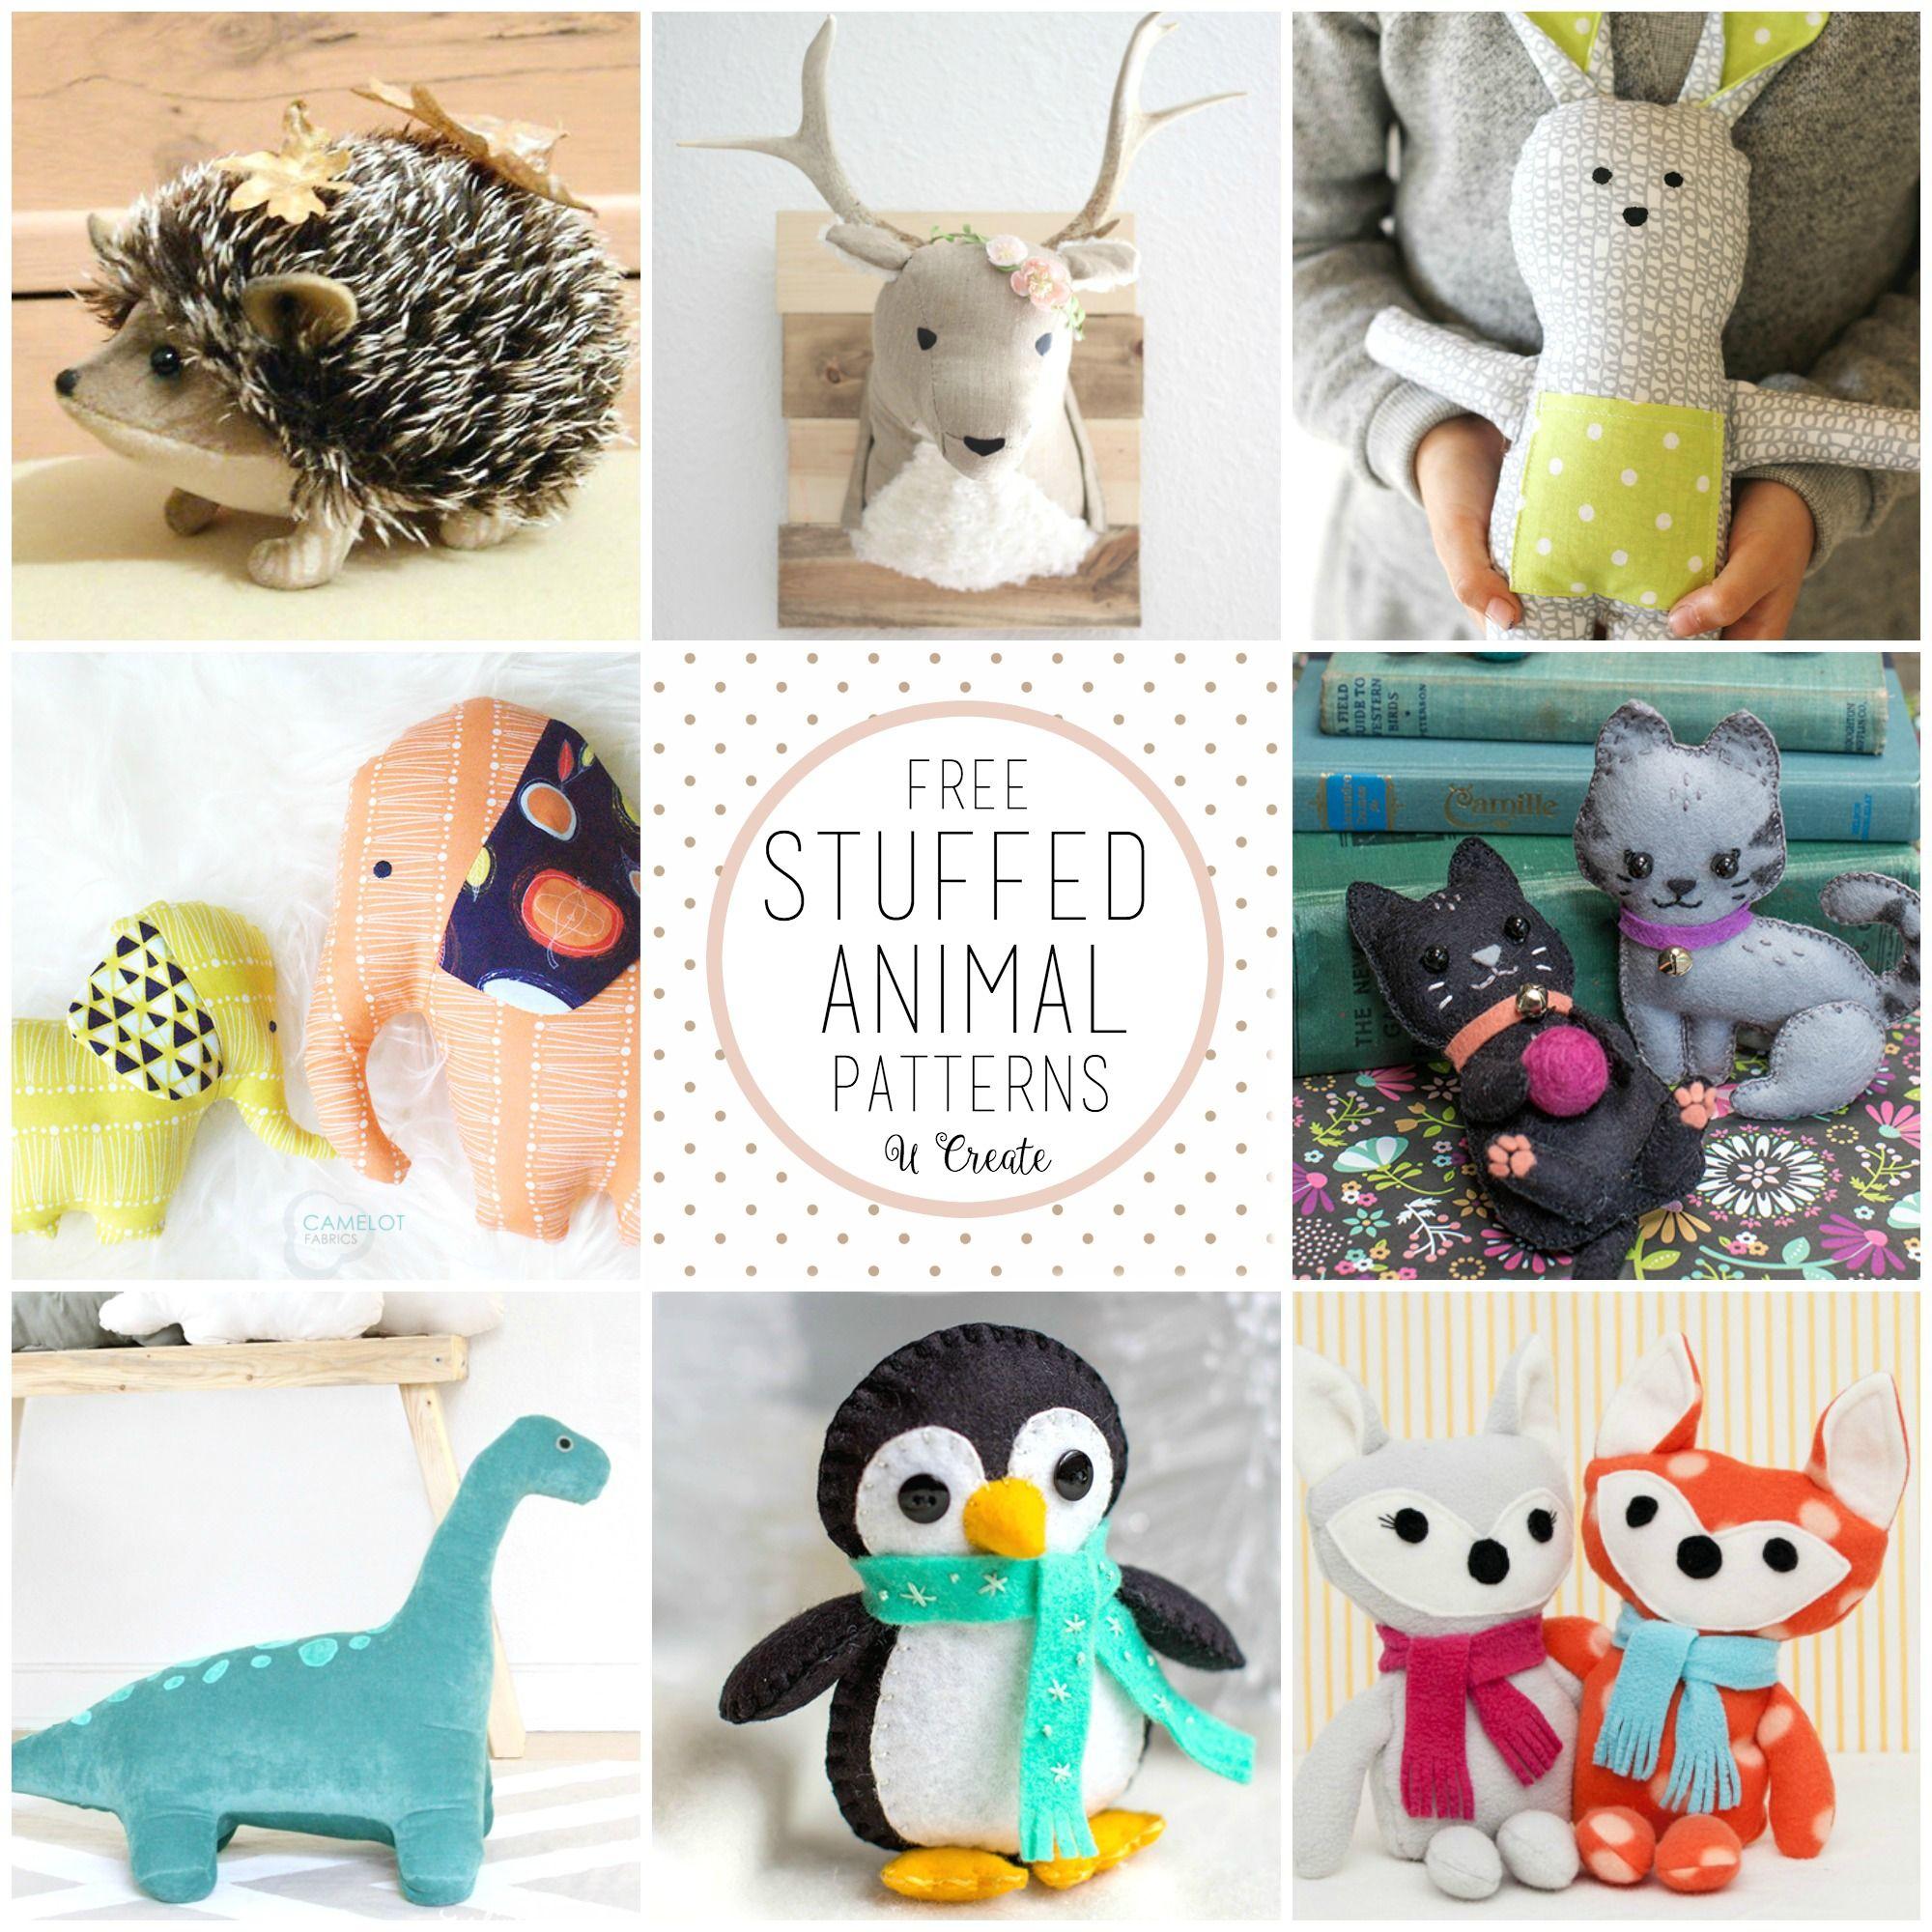 Free Stuffed Animal Patterns the cutest ts